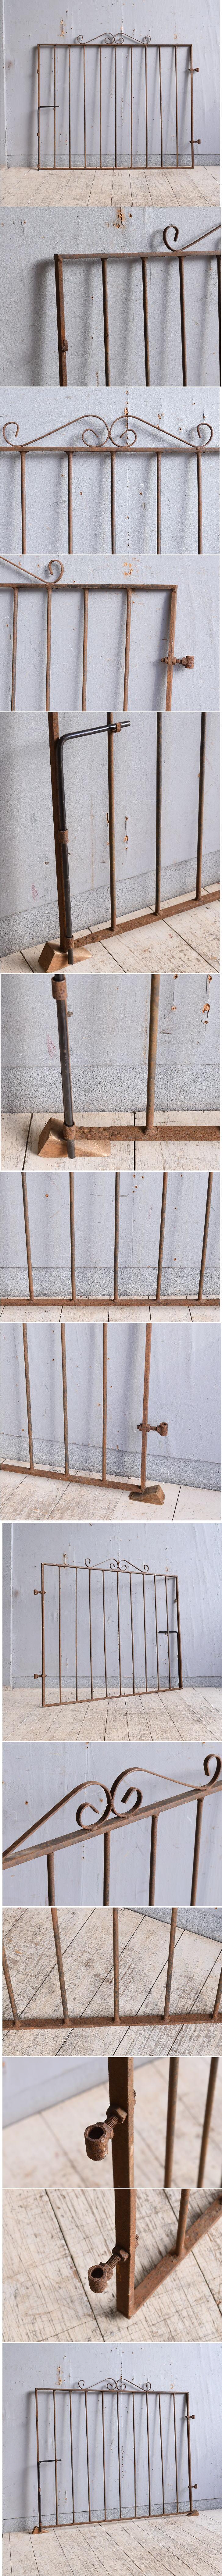 イギリスアンティーク アイアンフェンス ゲート柵 ガーデニング 9824